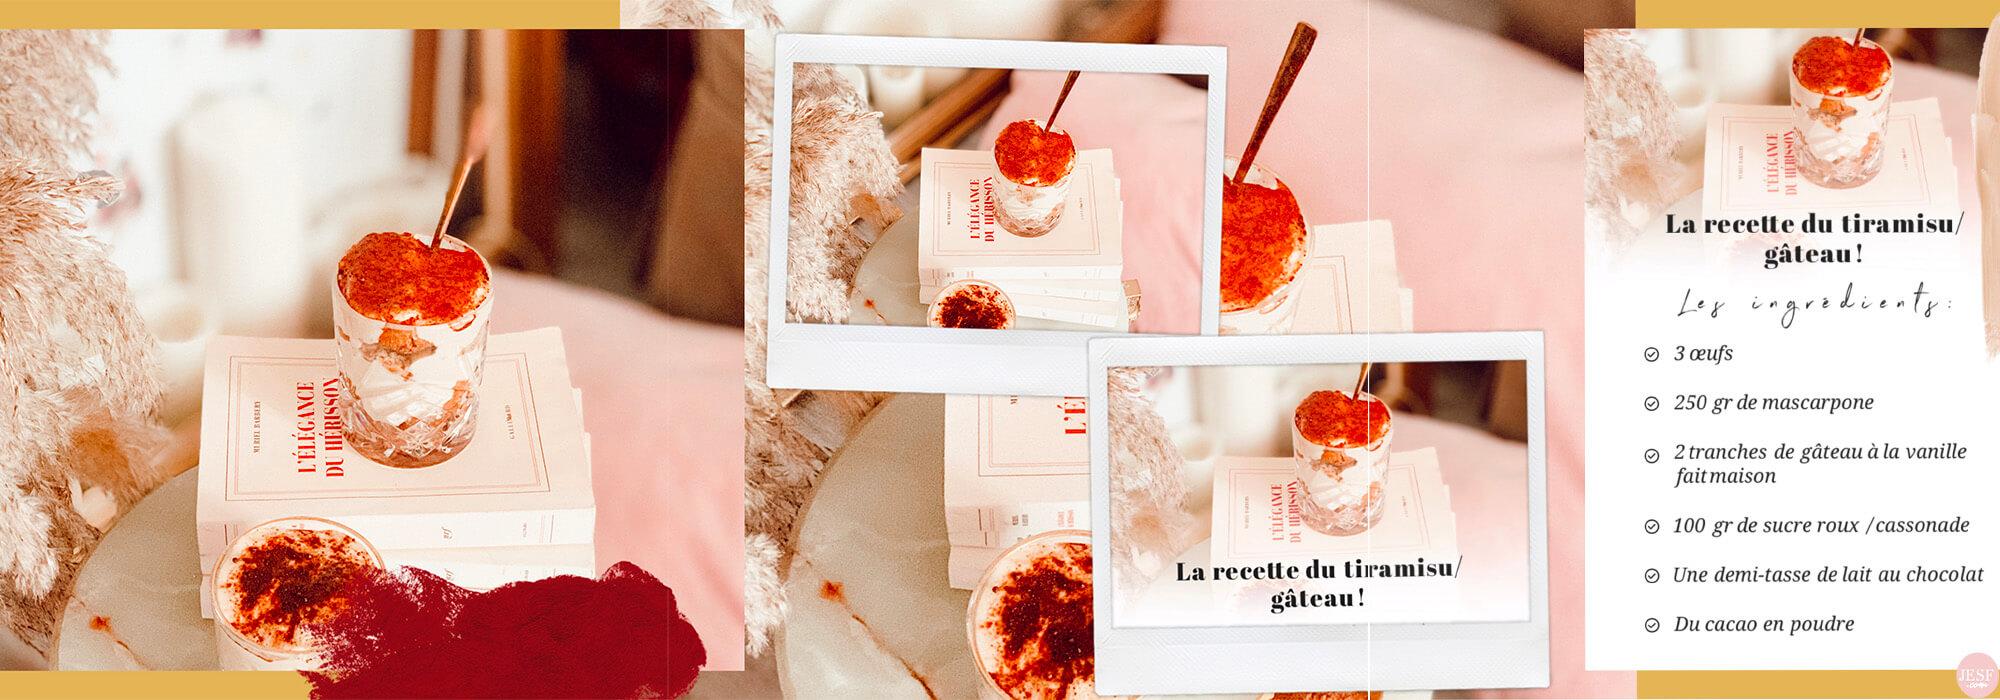 recette-facile-inratable-tiramisu-gateau